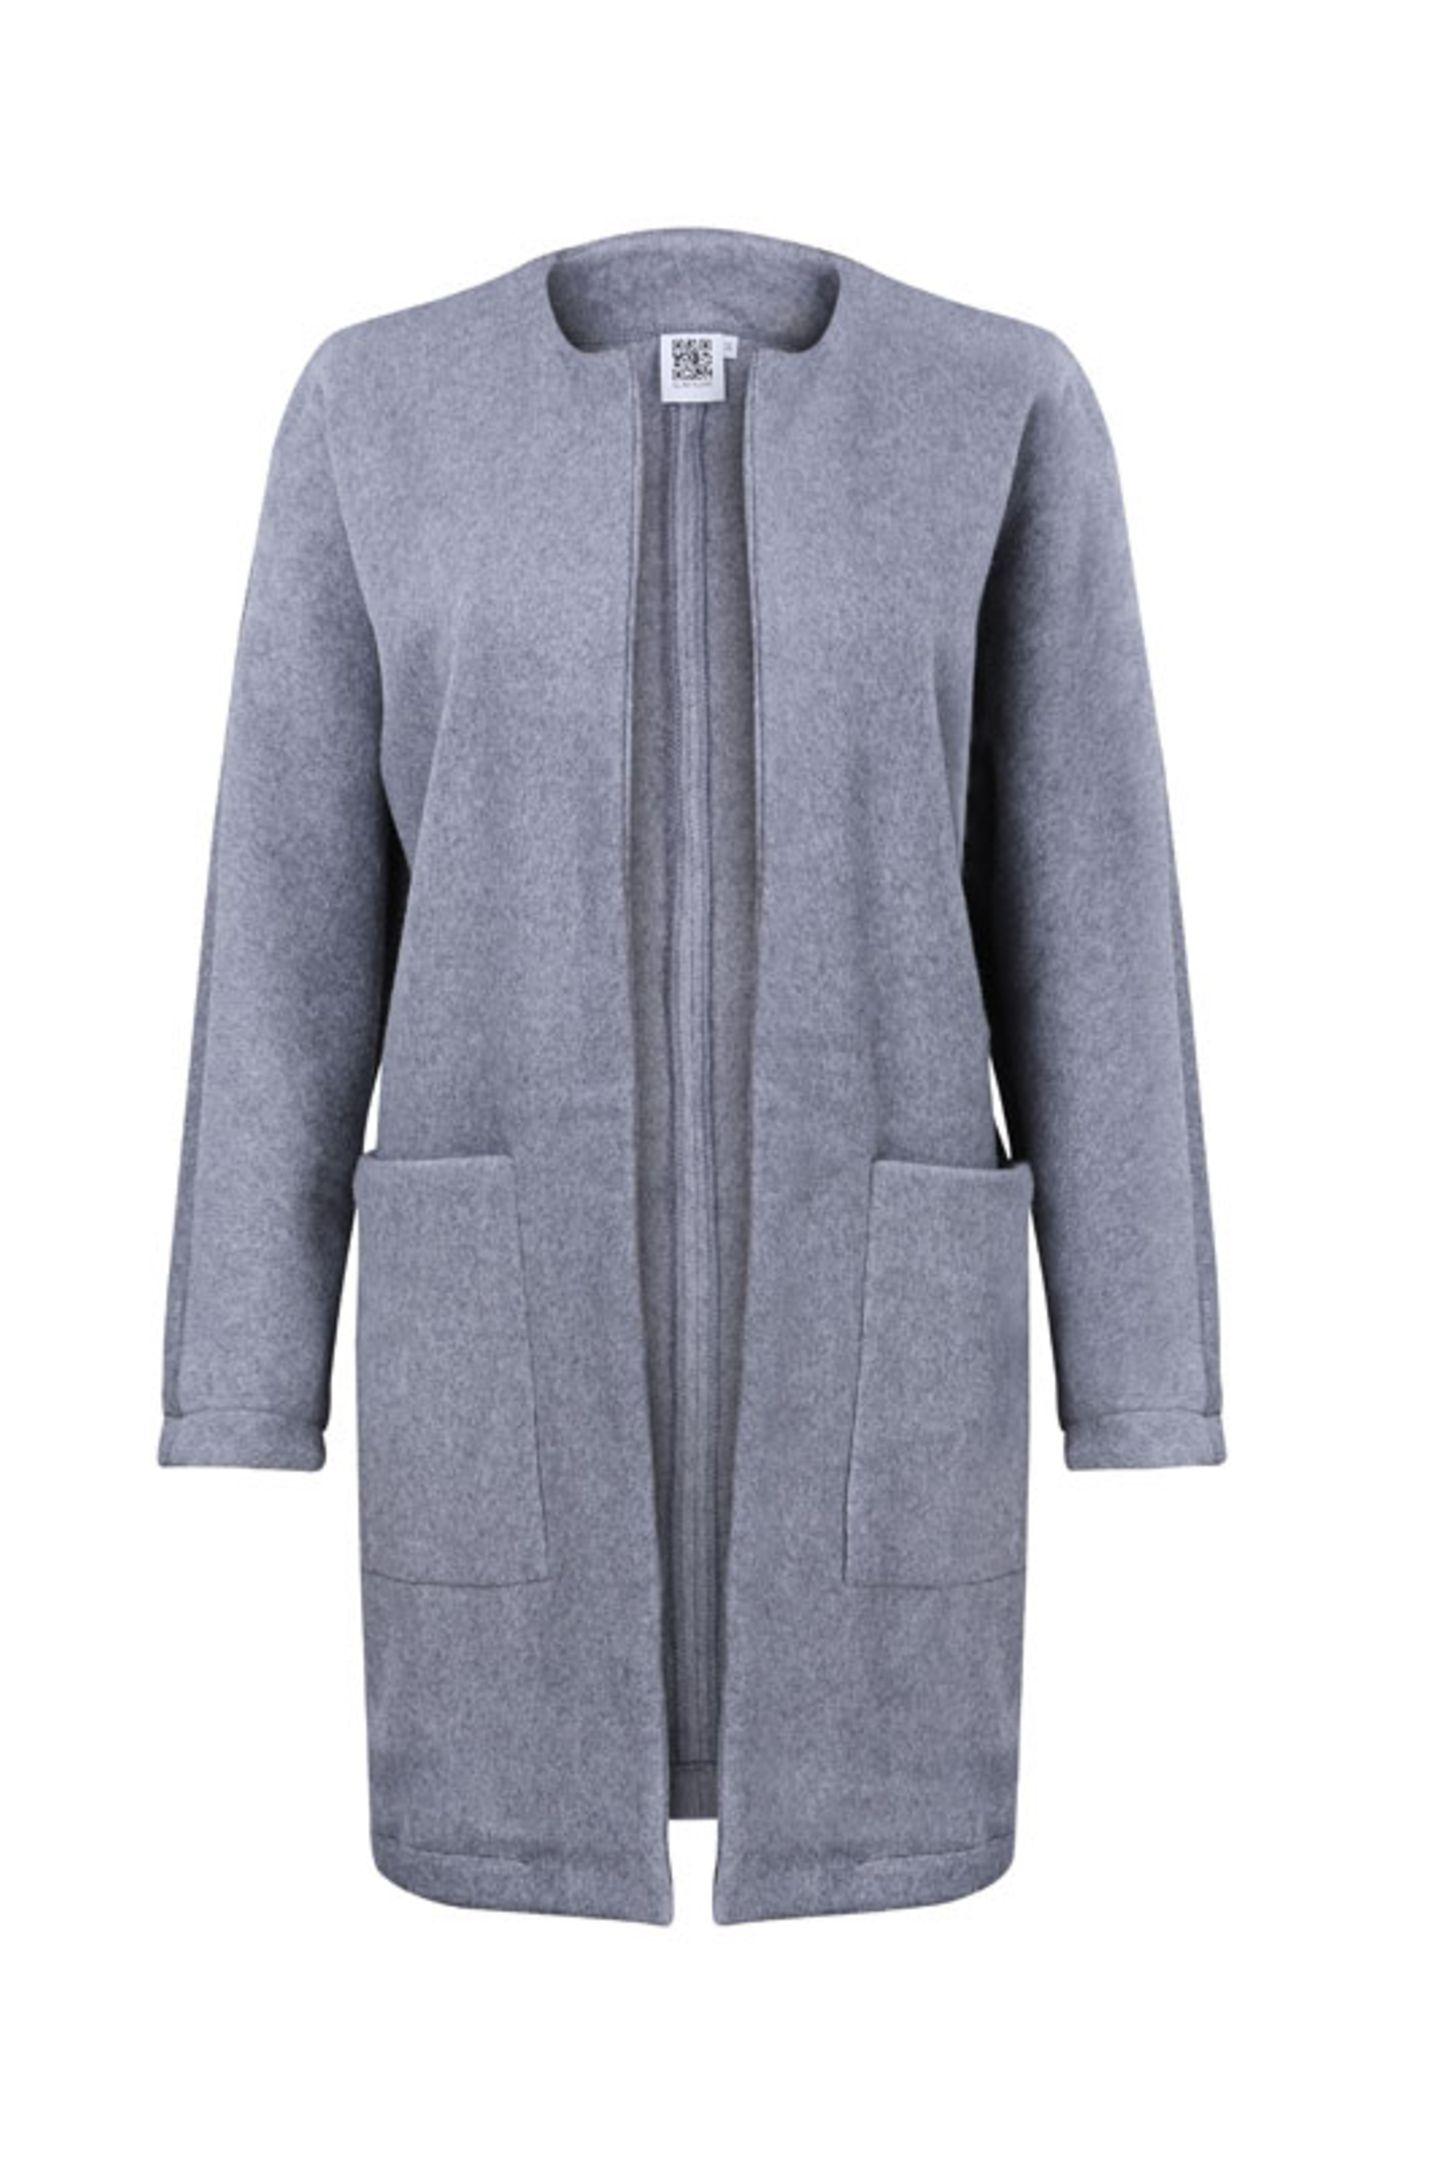 Die Teile aus der aktuellen Herbst-/Winterkollektion 2015/2016 sind im Online-Shop erhältlich. Der Mantel aus Bio-Baumwolle kostet um 140 Euro.